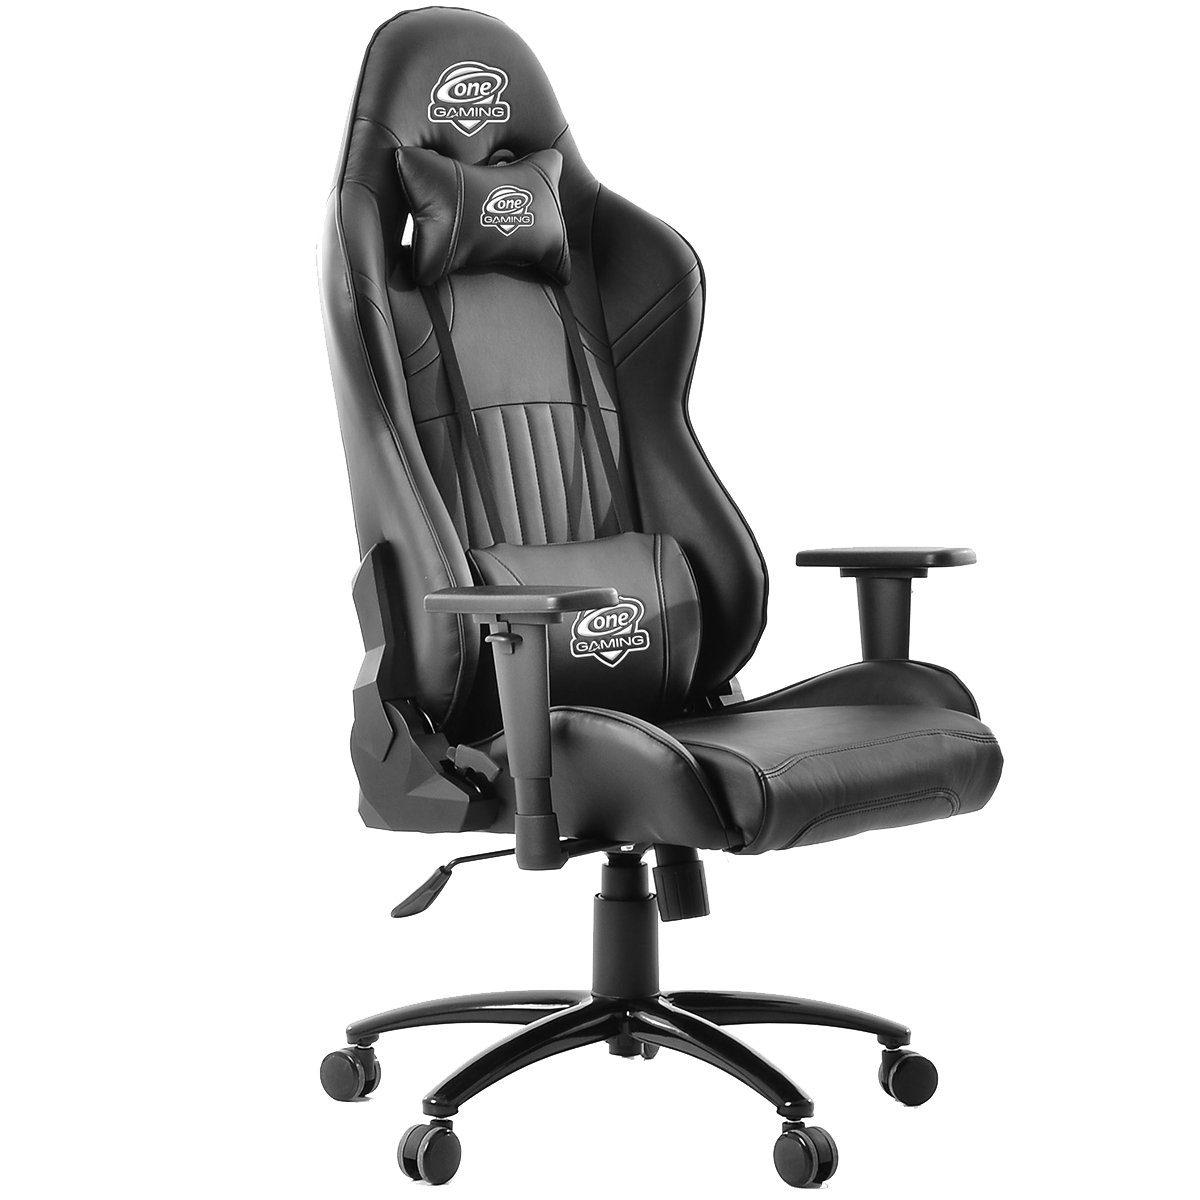 ONE GAMING Chair Pro - mit Nacken- und Lordosenkissen - ab 159,99€ (Neukundenrabatt) (OTTO)